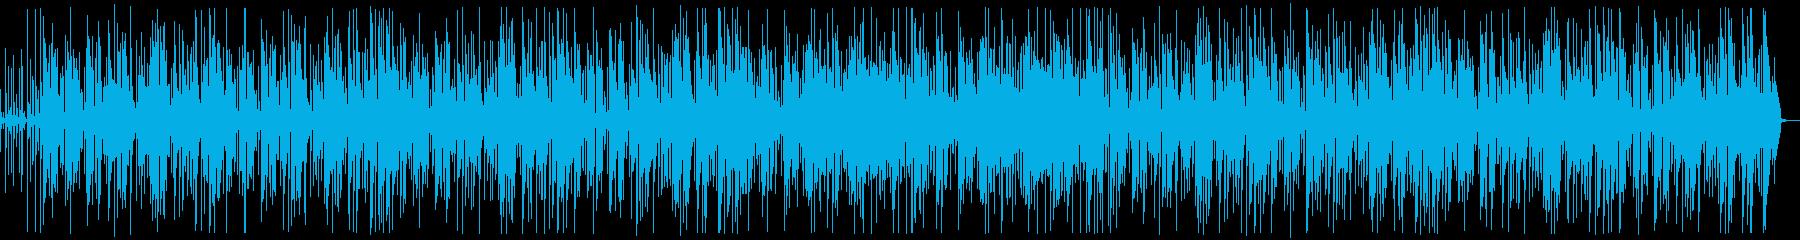 クリスマス ボサノバ Christmasの再生済みの波形